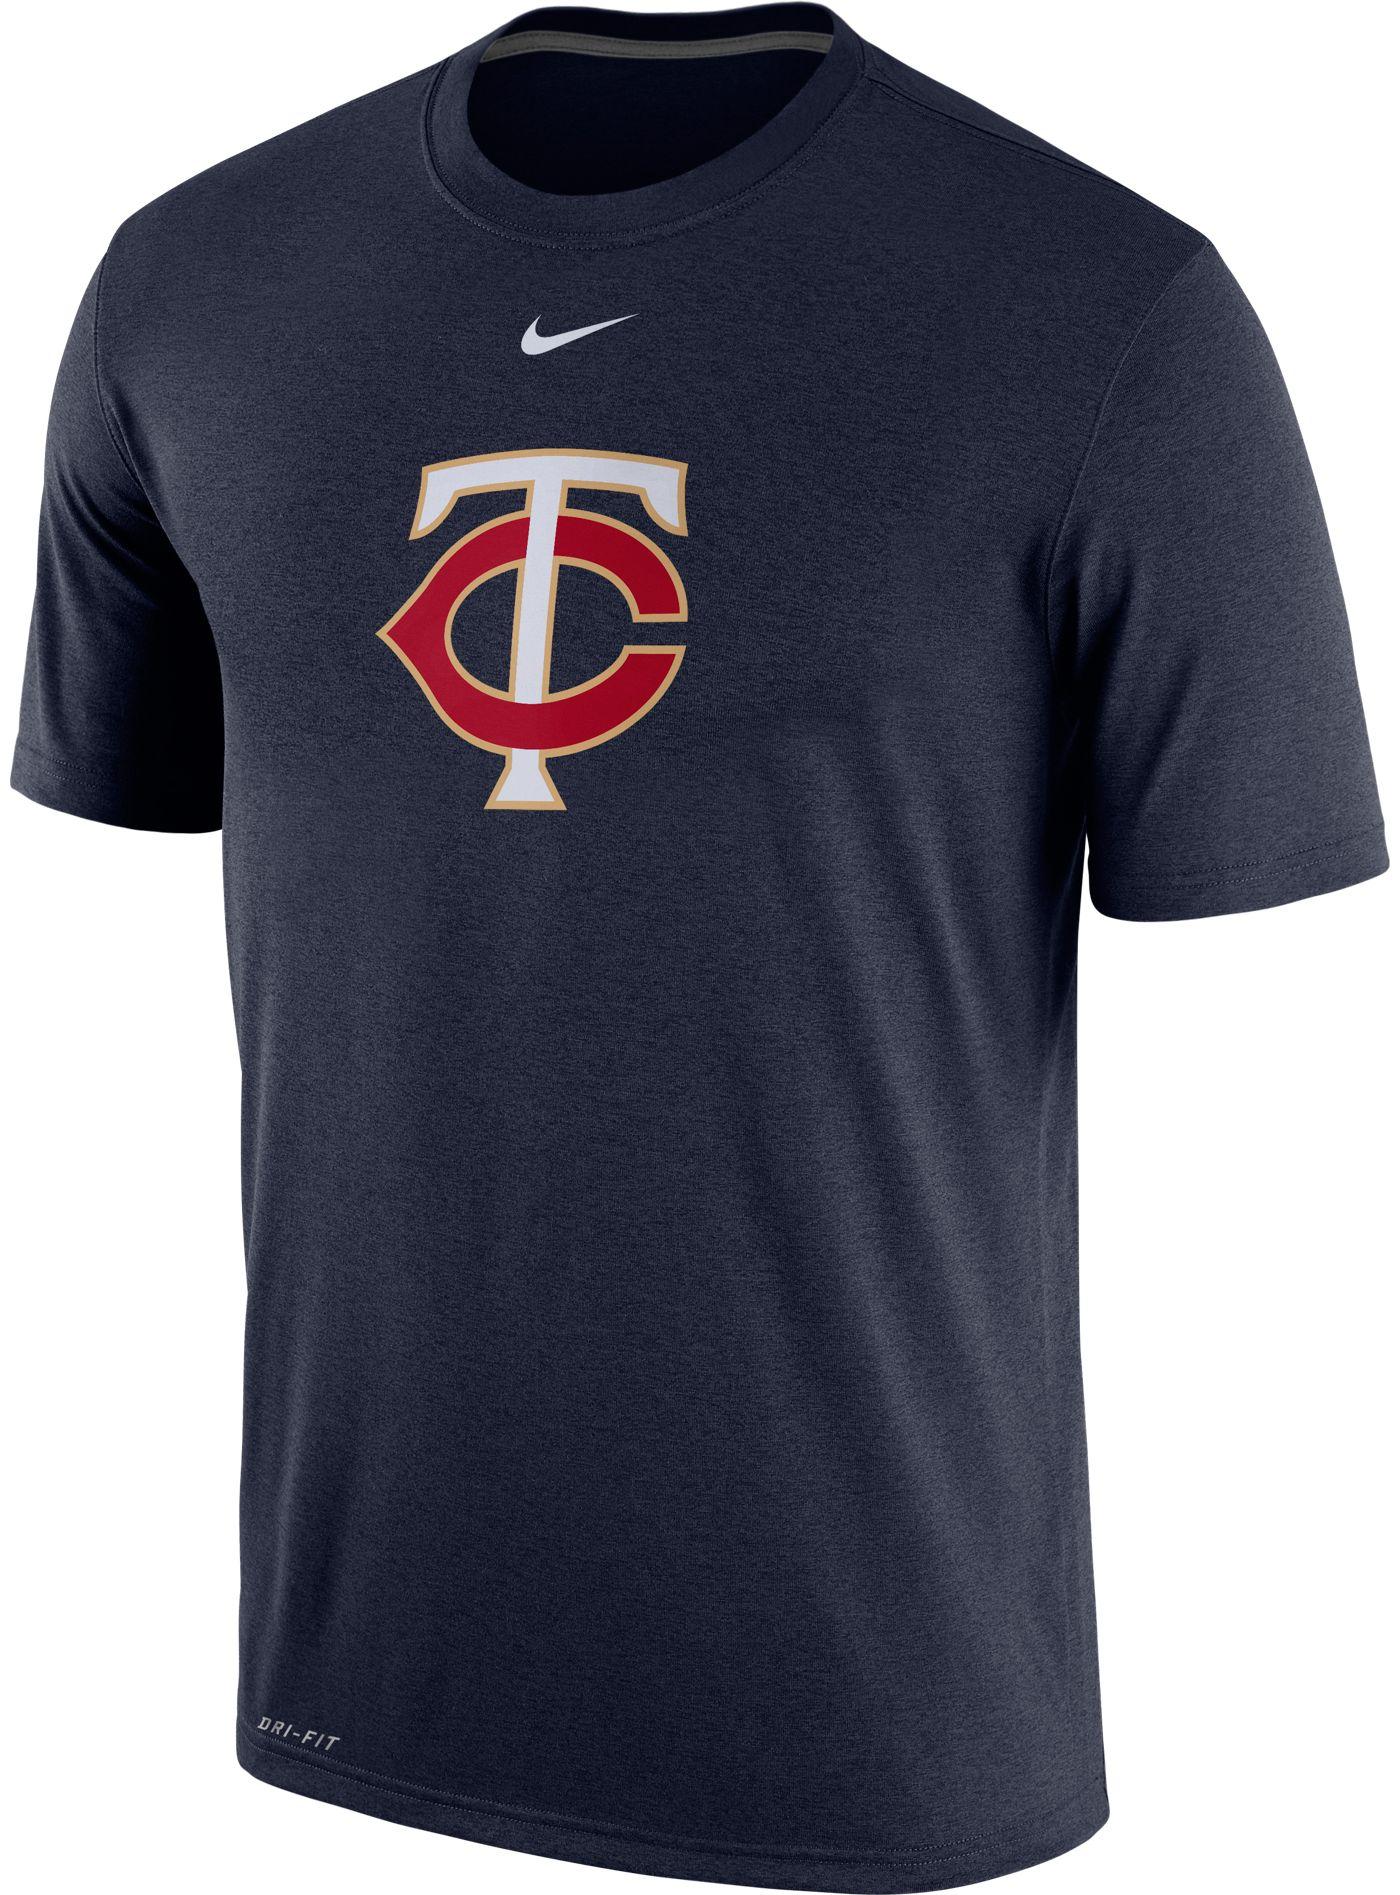 Nike Men's Minnesota Twins Dri-FIT Legend T-Shirt